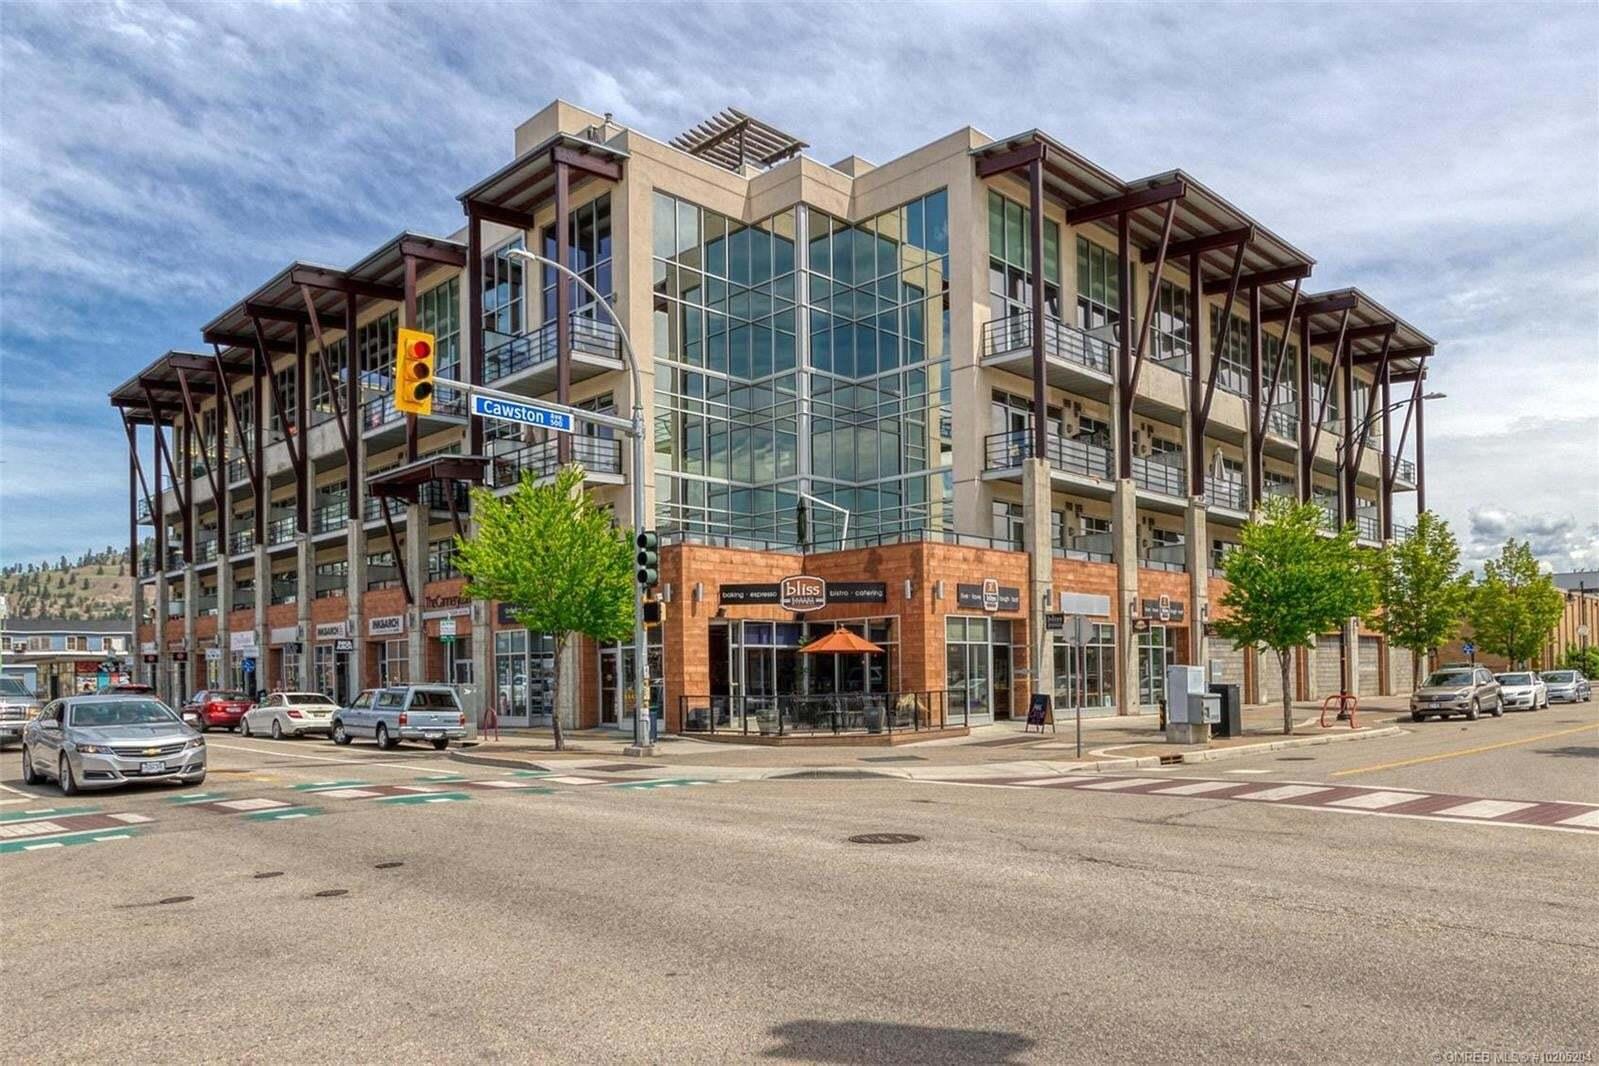 Home for sale at 1289 Ellis St Kelowna British Columbia - MLS: 10205204